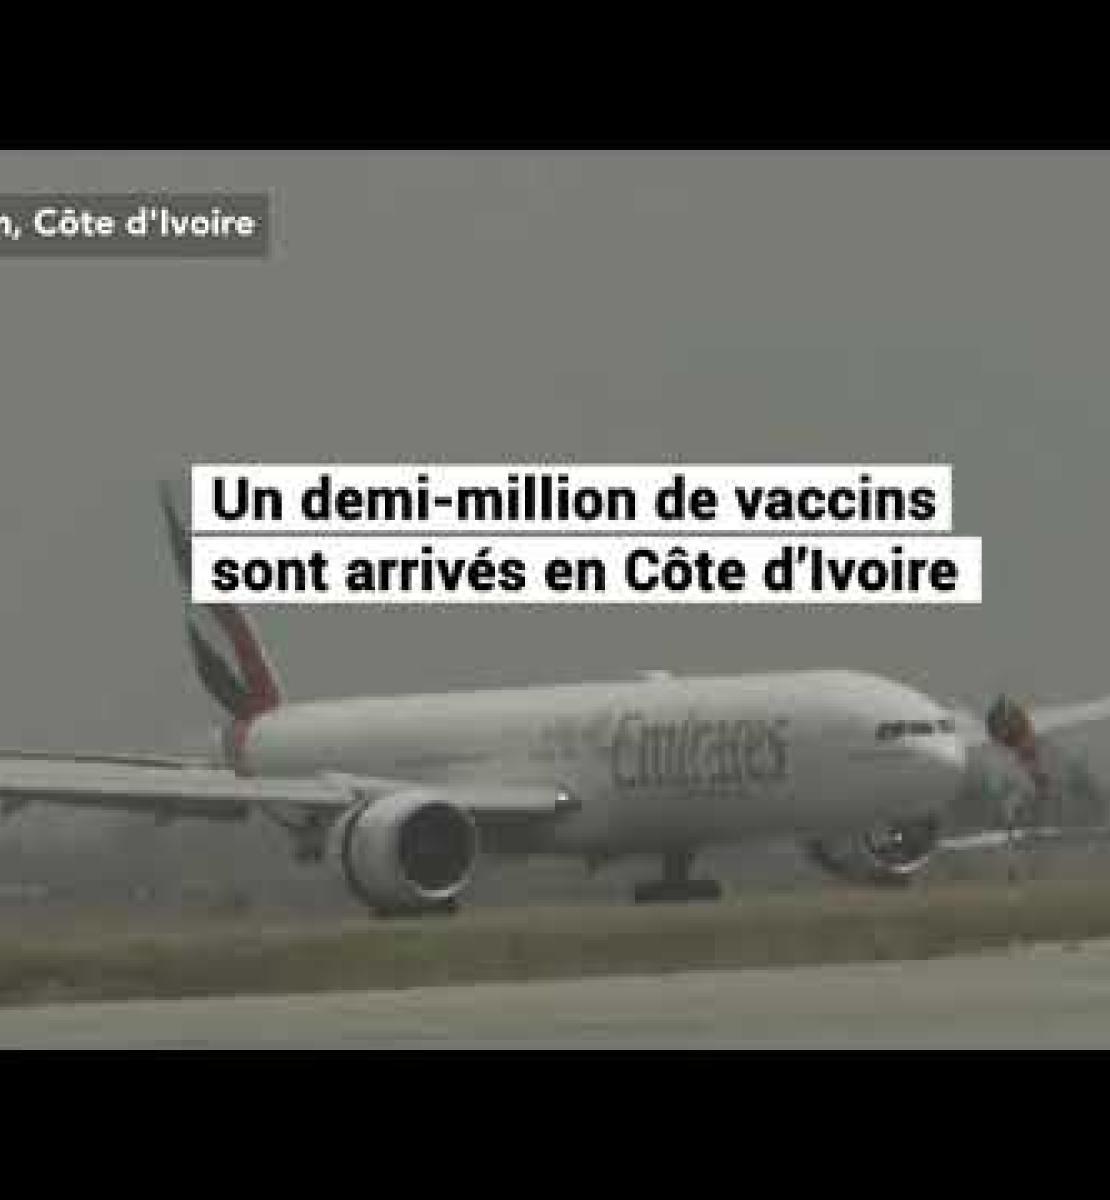 Côte d'Ivoire es uno de los primeros países africanos en vacunar con el Mecanismo COVAX